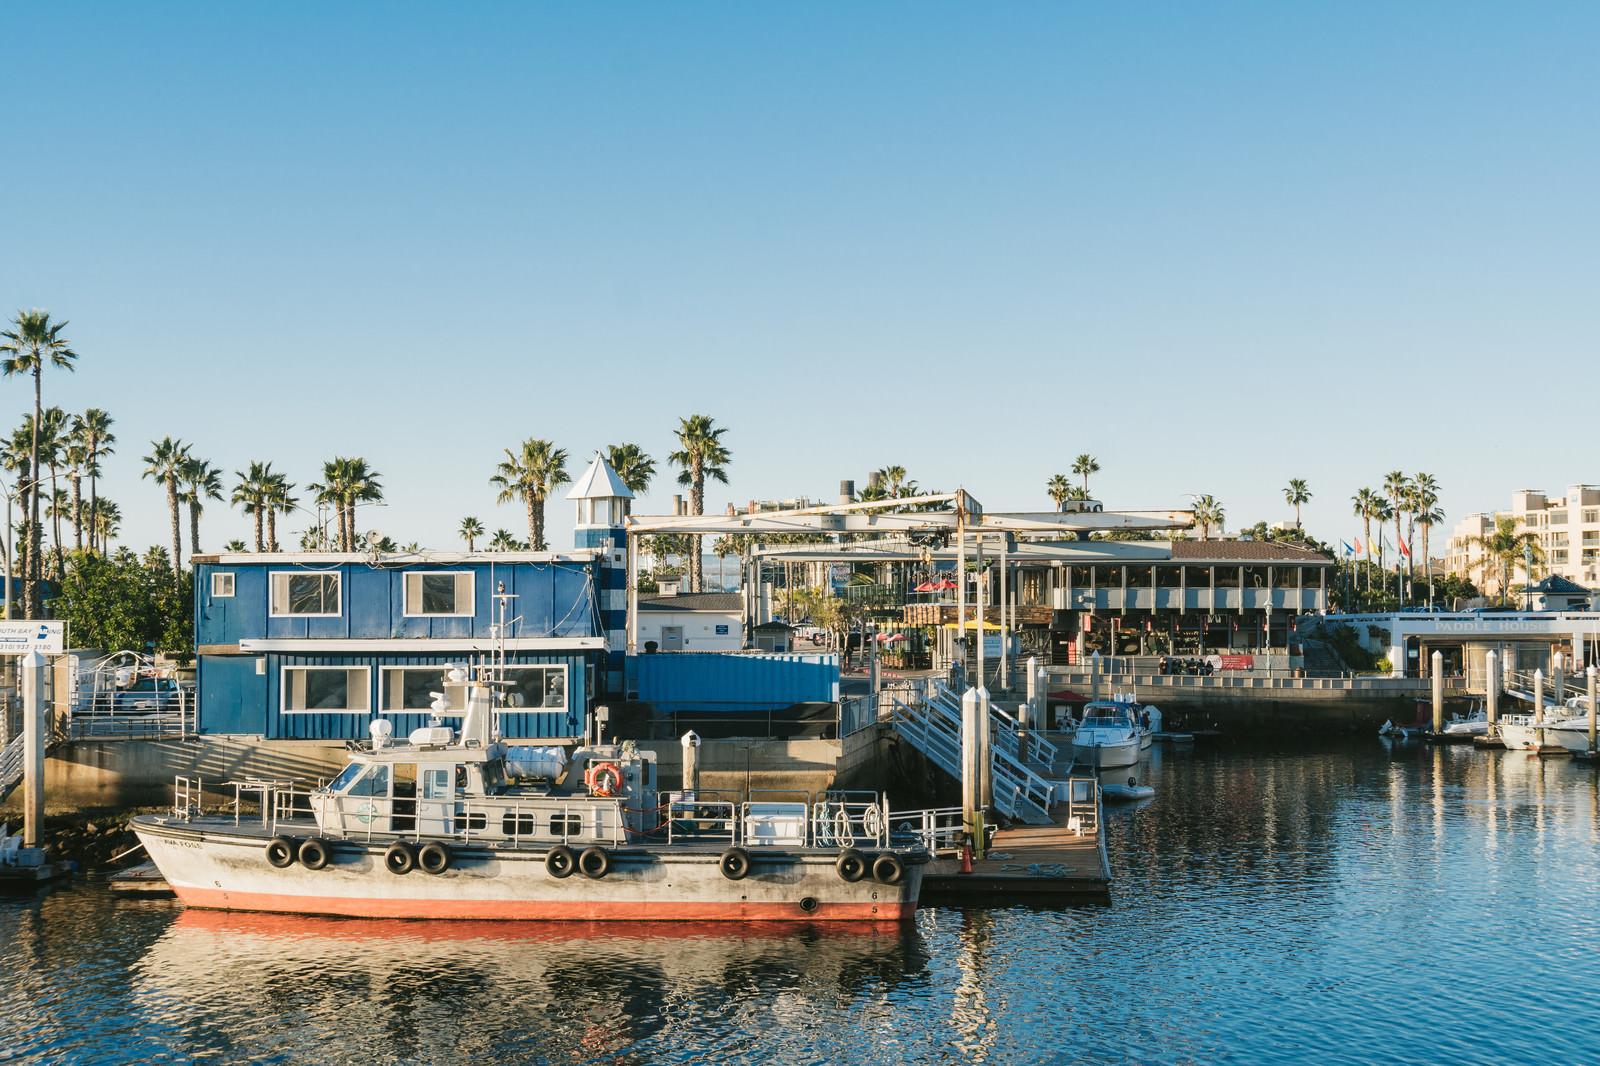 「レドンドビーチと停泊中の船レドンドビーチと停泊中の船」のフリー写真素材を拡大